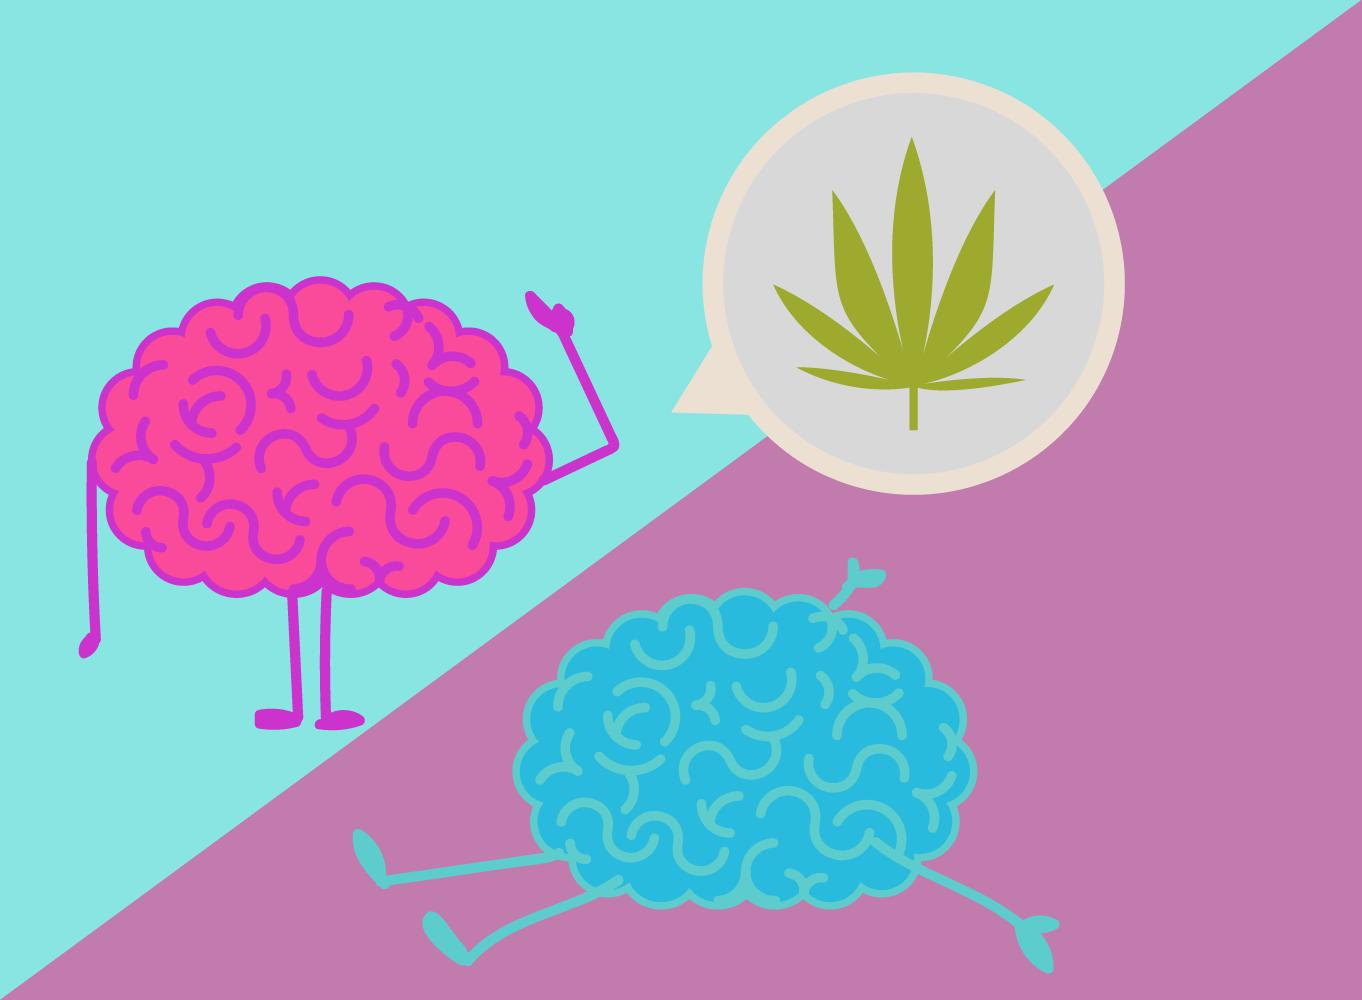 Reazioni donna cannabis uomo biochimica THC effetti estrogeni testosterone